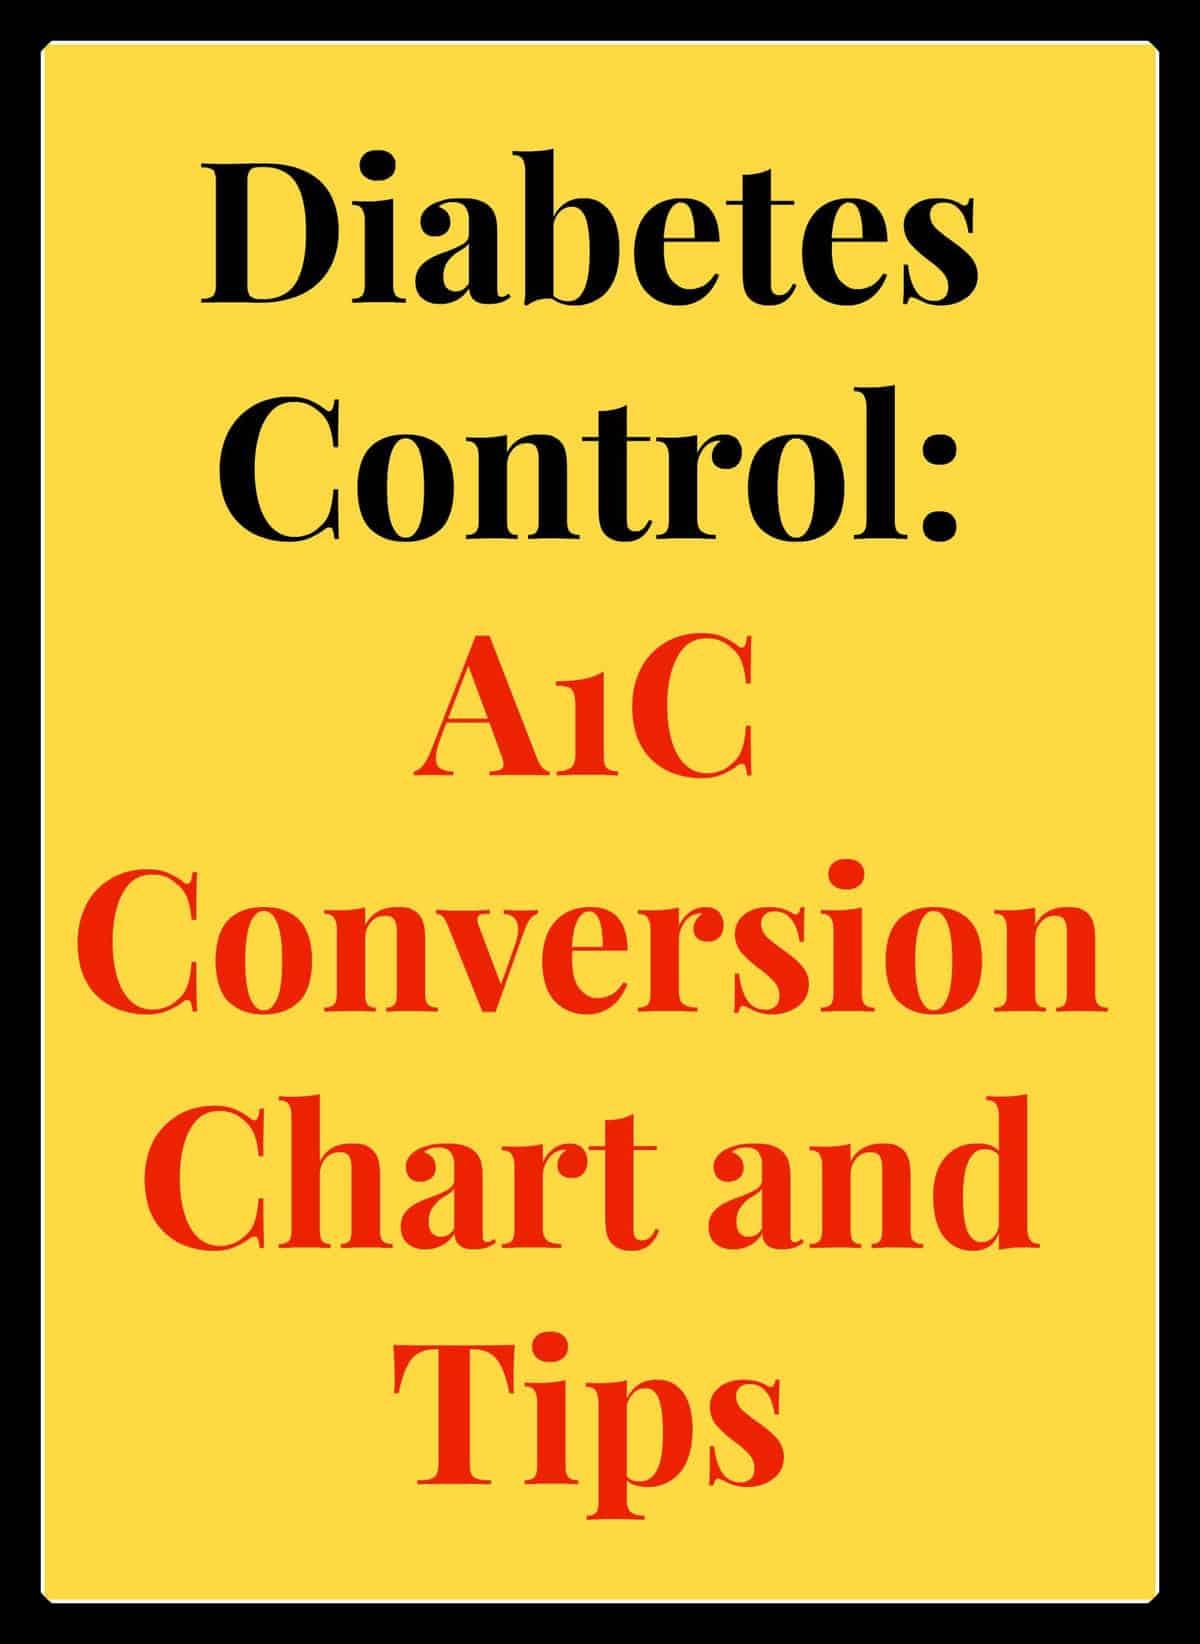 Diabetes Control: A1C Conversion Chart & Tips